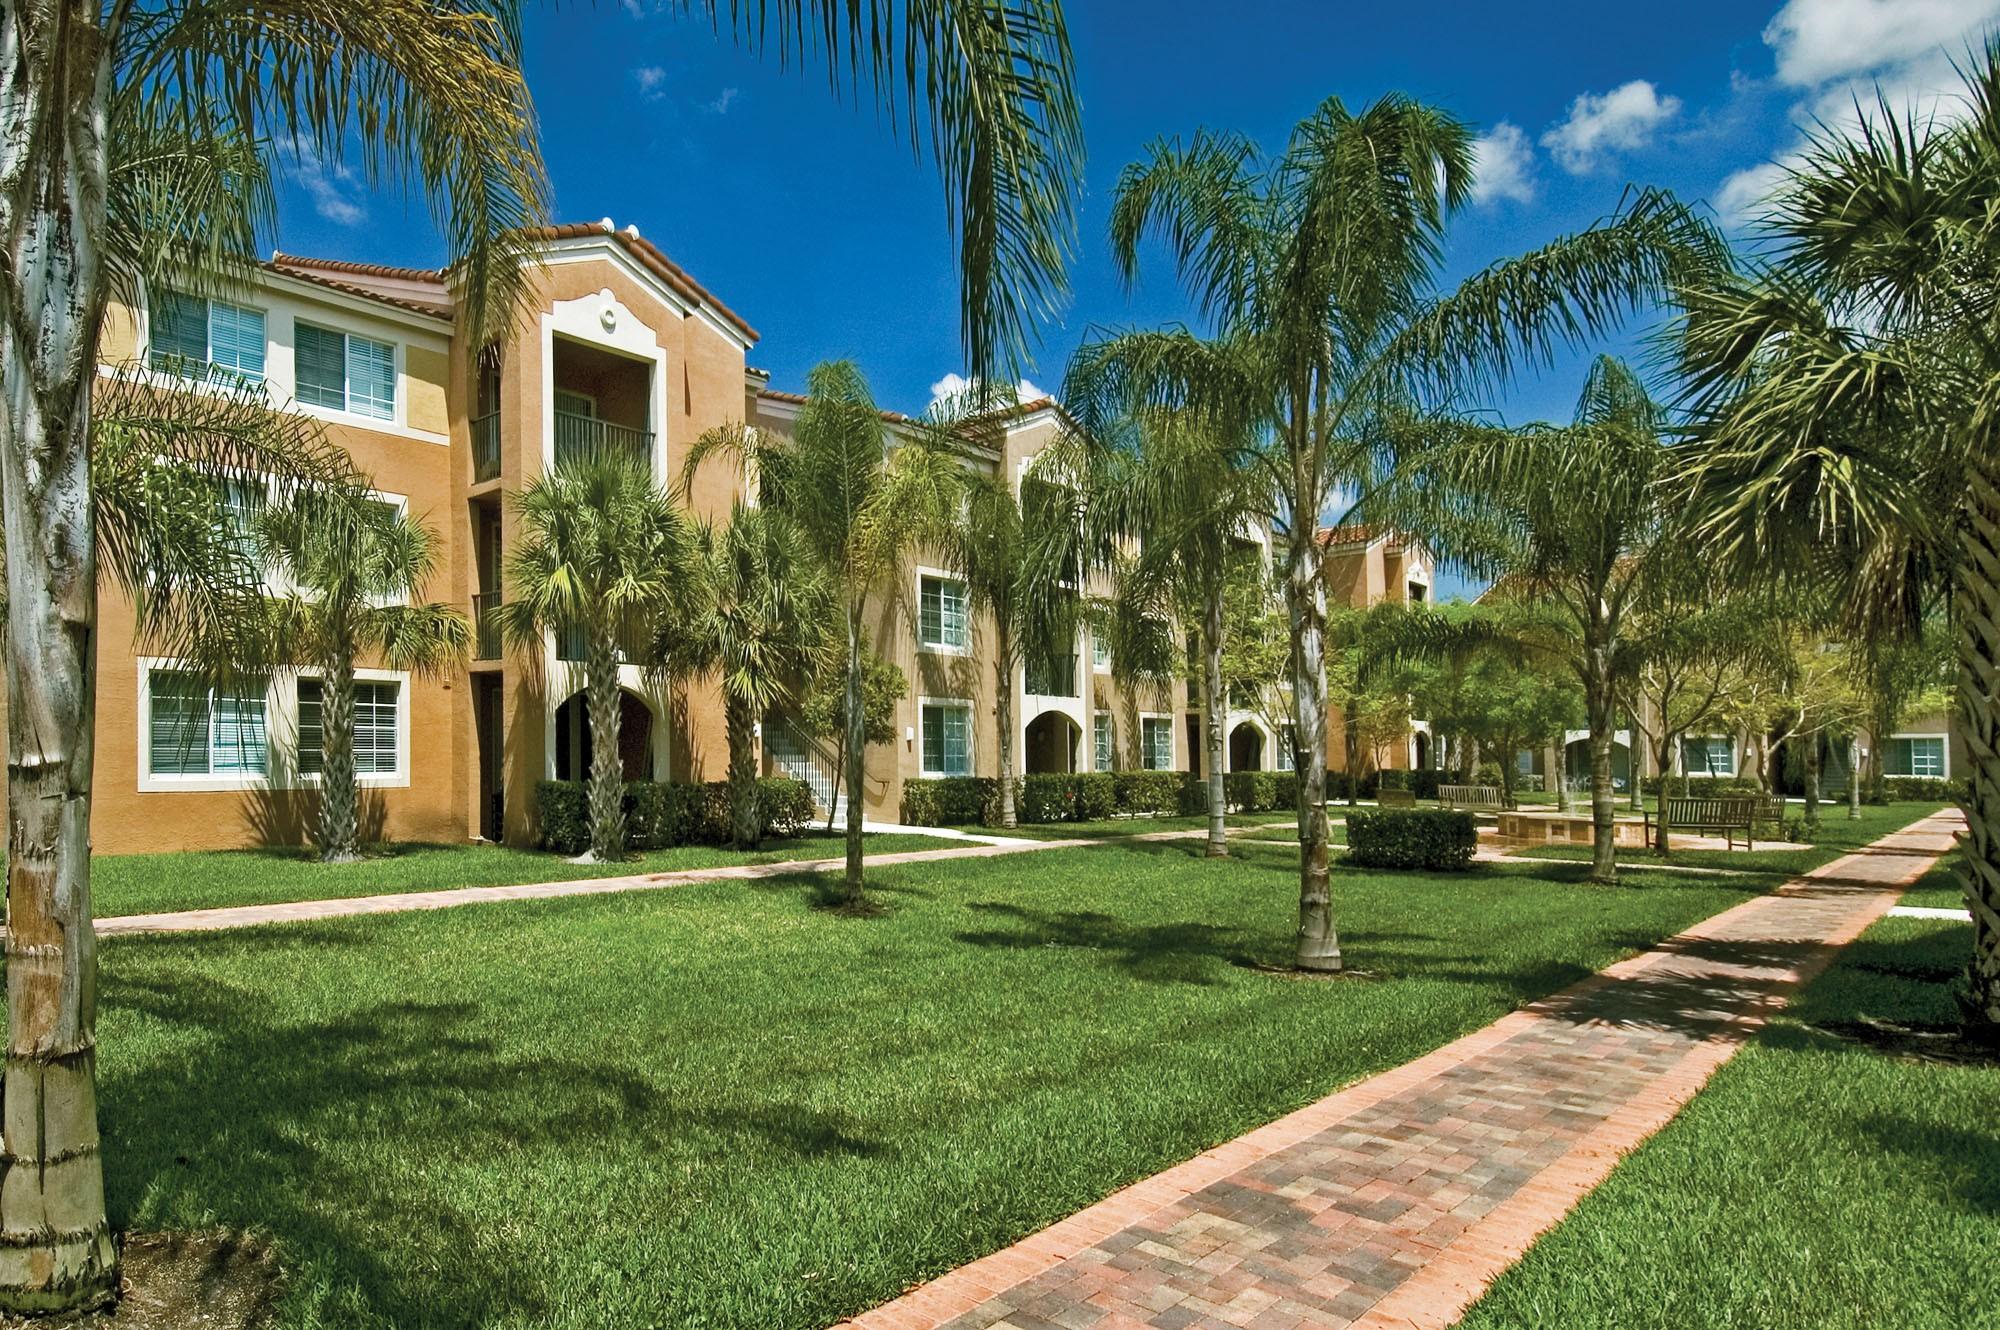 Miramar Lakes Apartments photo